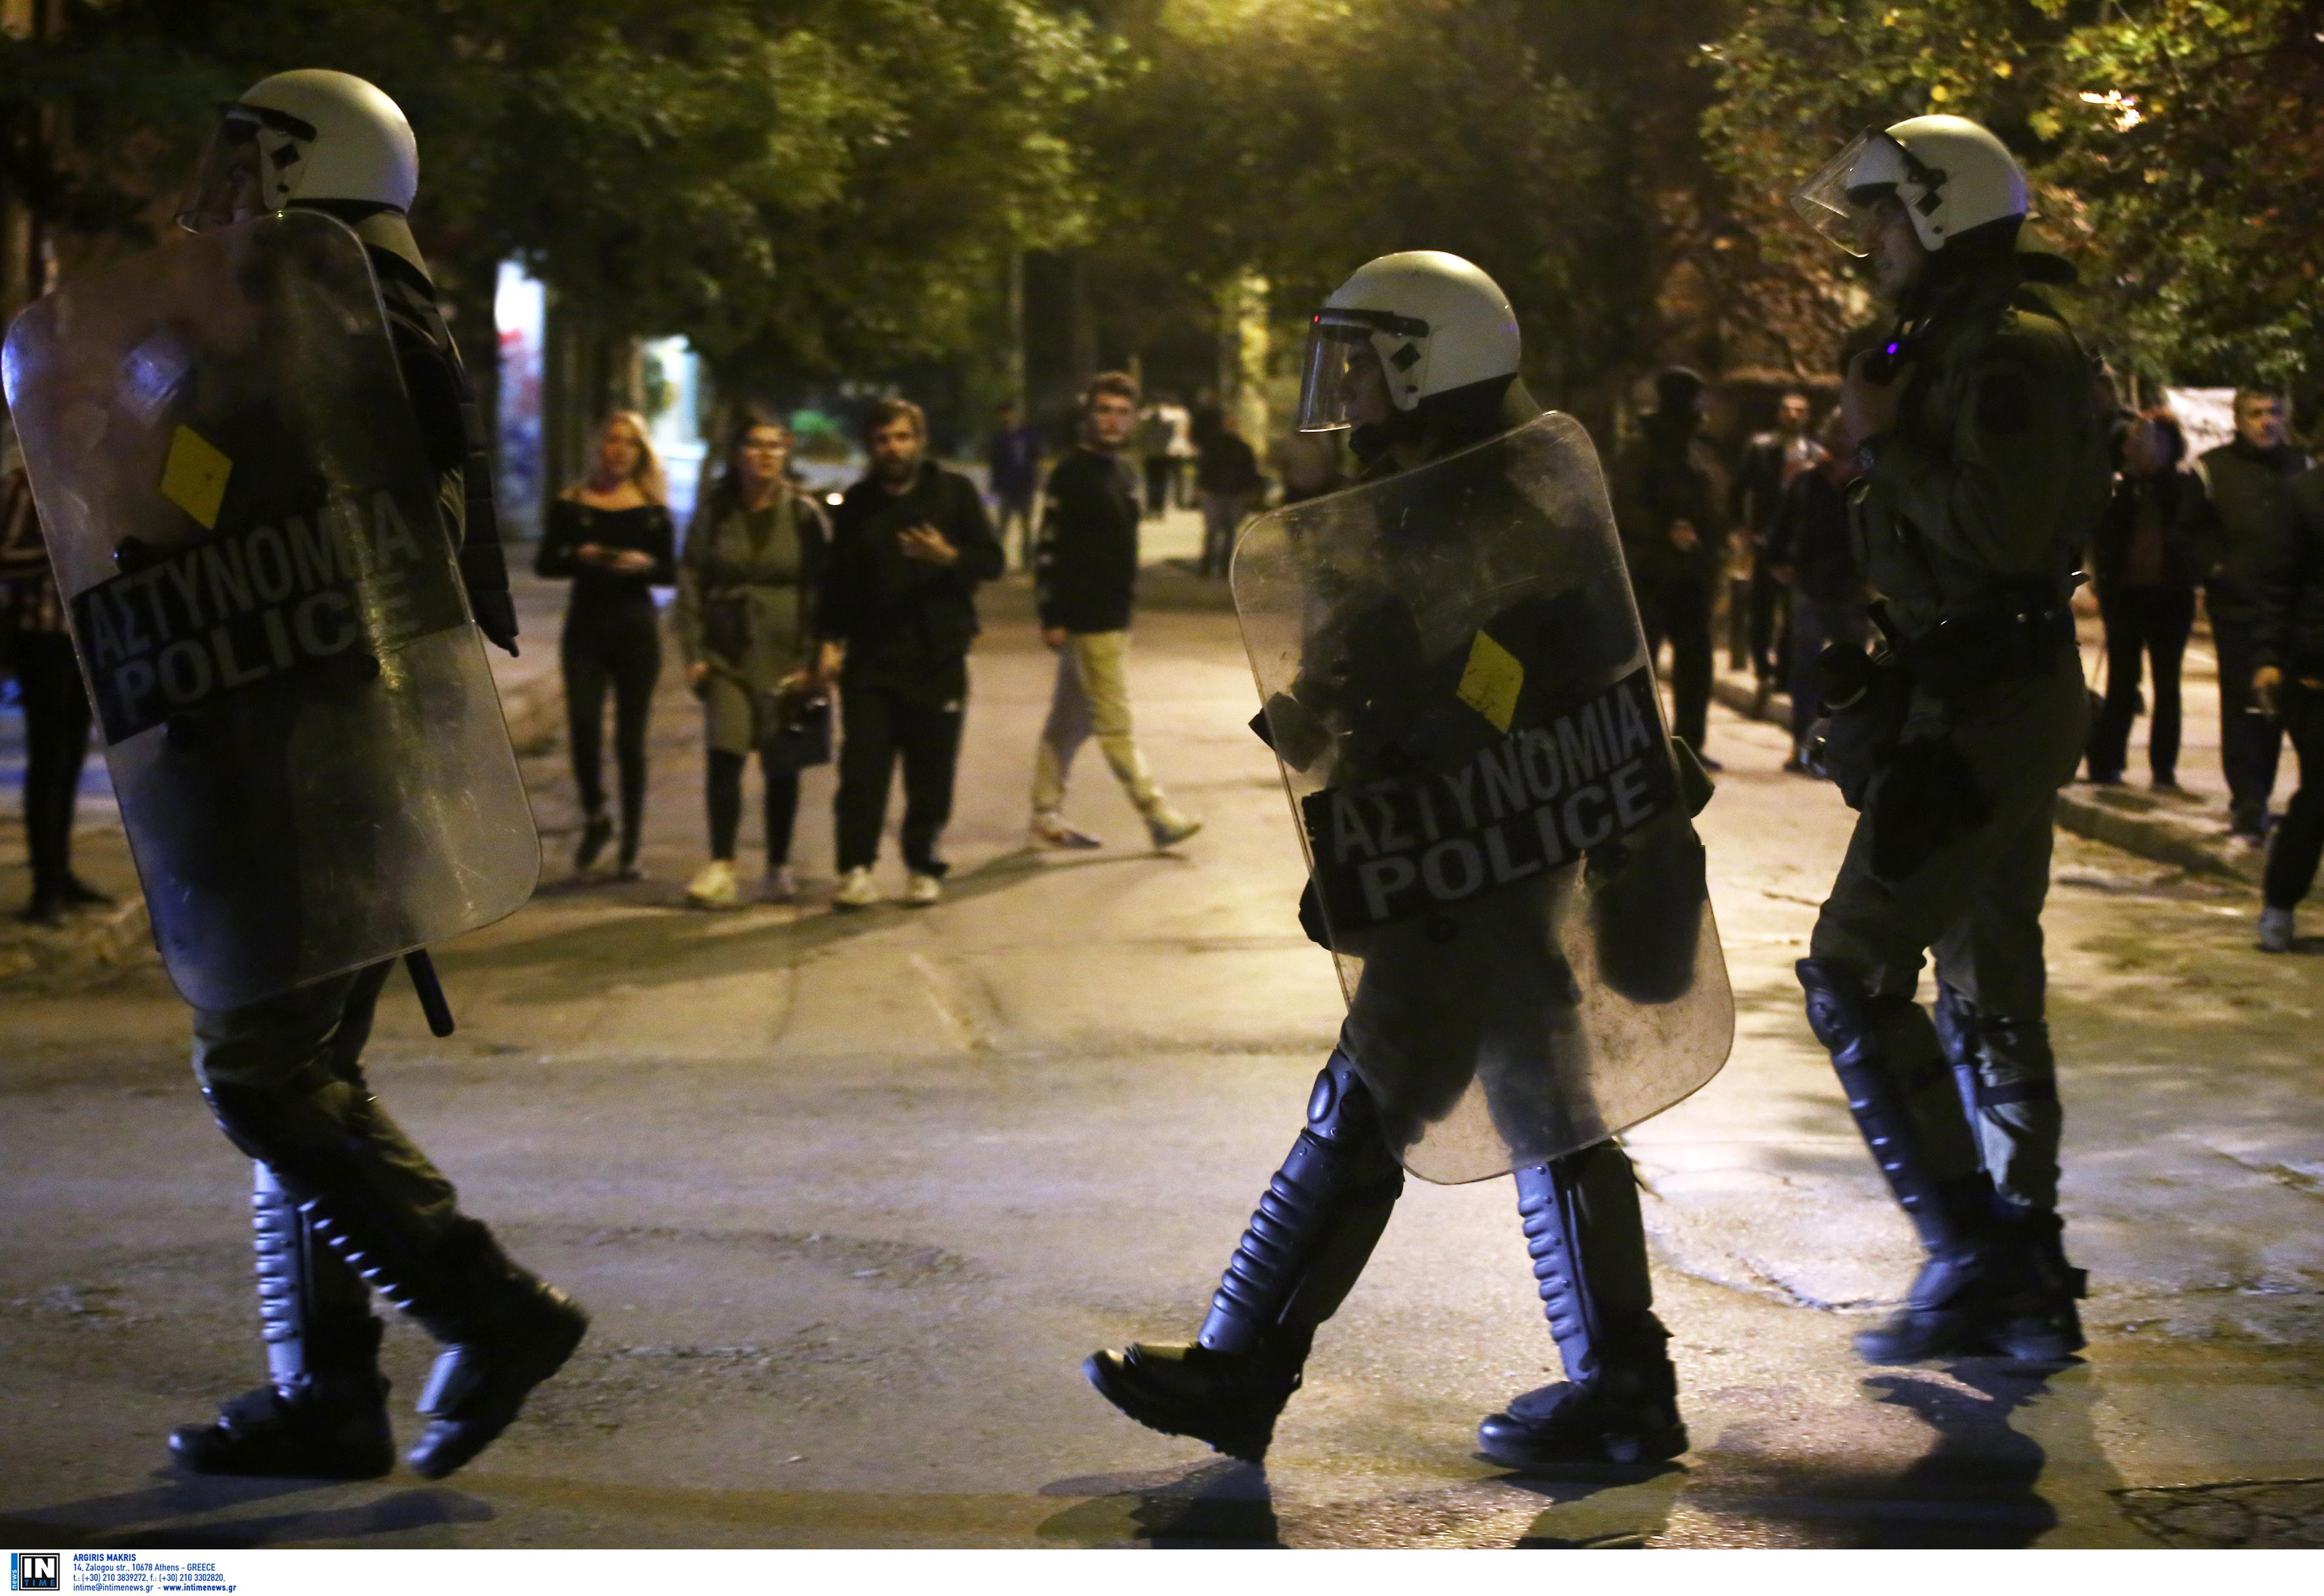 Αστυνομία για δημοσιεύματα Εφ.Συν.: Δικό μας το αυτοκίνητο στα Εξάρχεια – Ανυπόστατες οι καταγγελίες για παρακολουθήσεις πολιτών